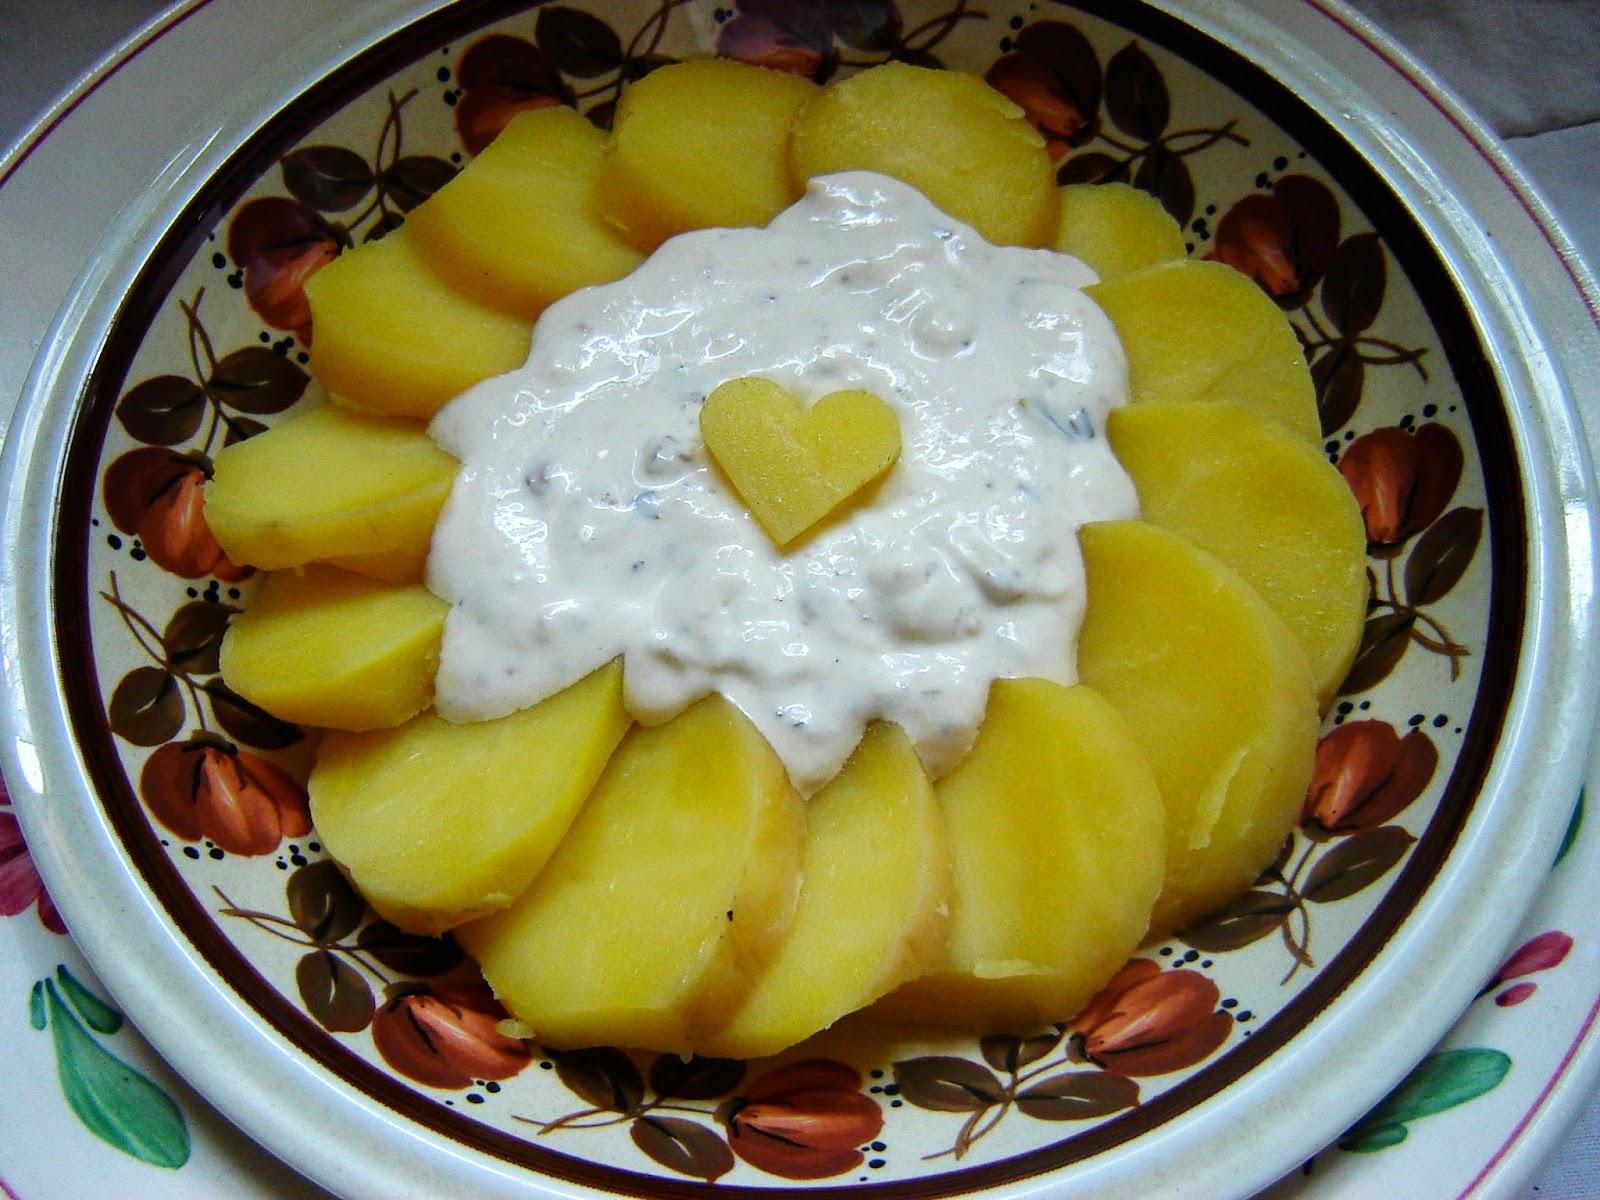 Tradycyjna Salatka Ziemniaczana Tradycyjna Kuchnia sa Atka